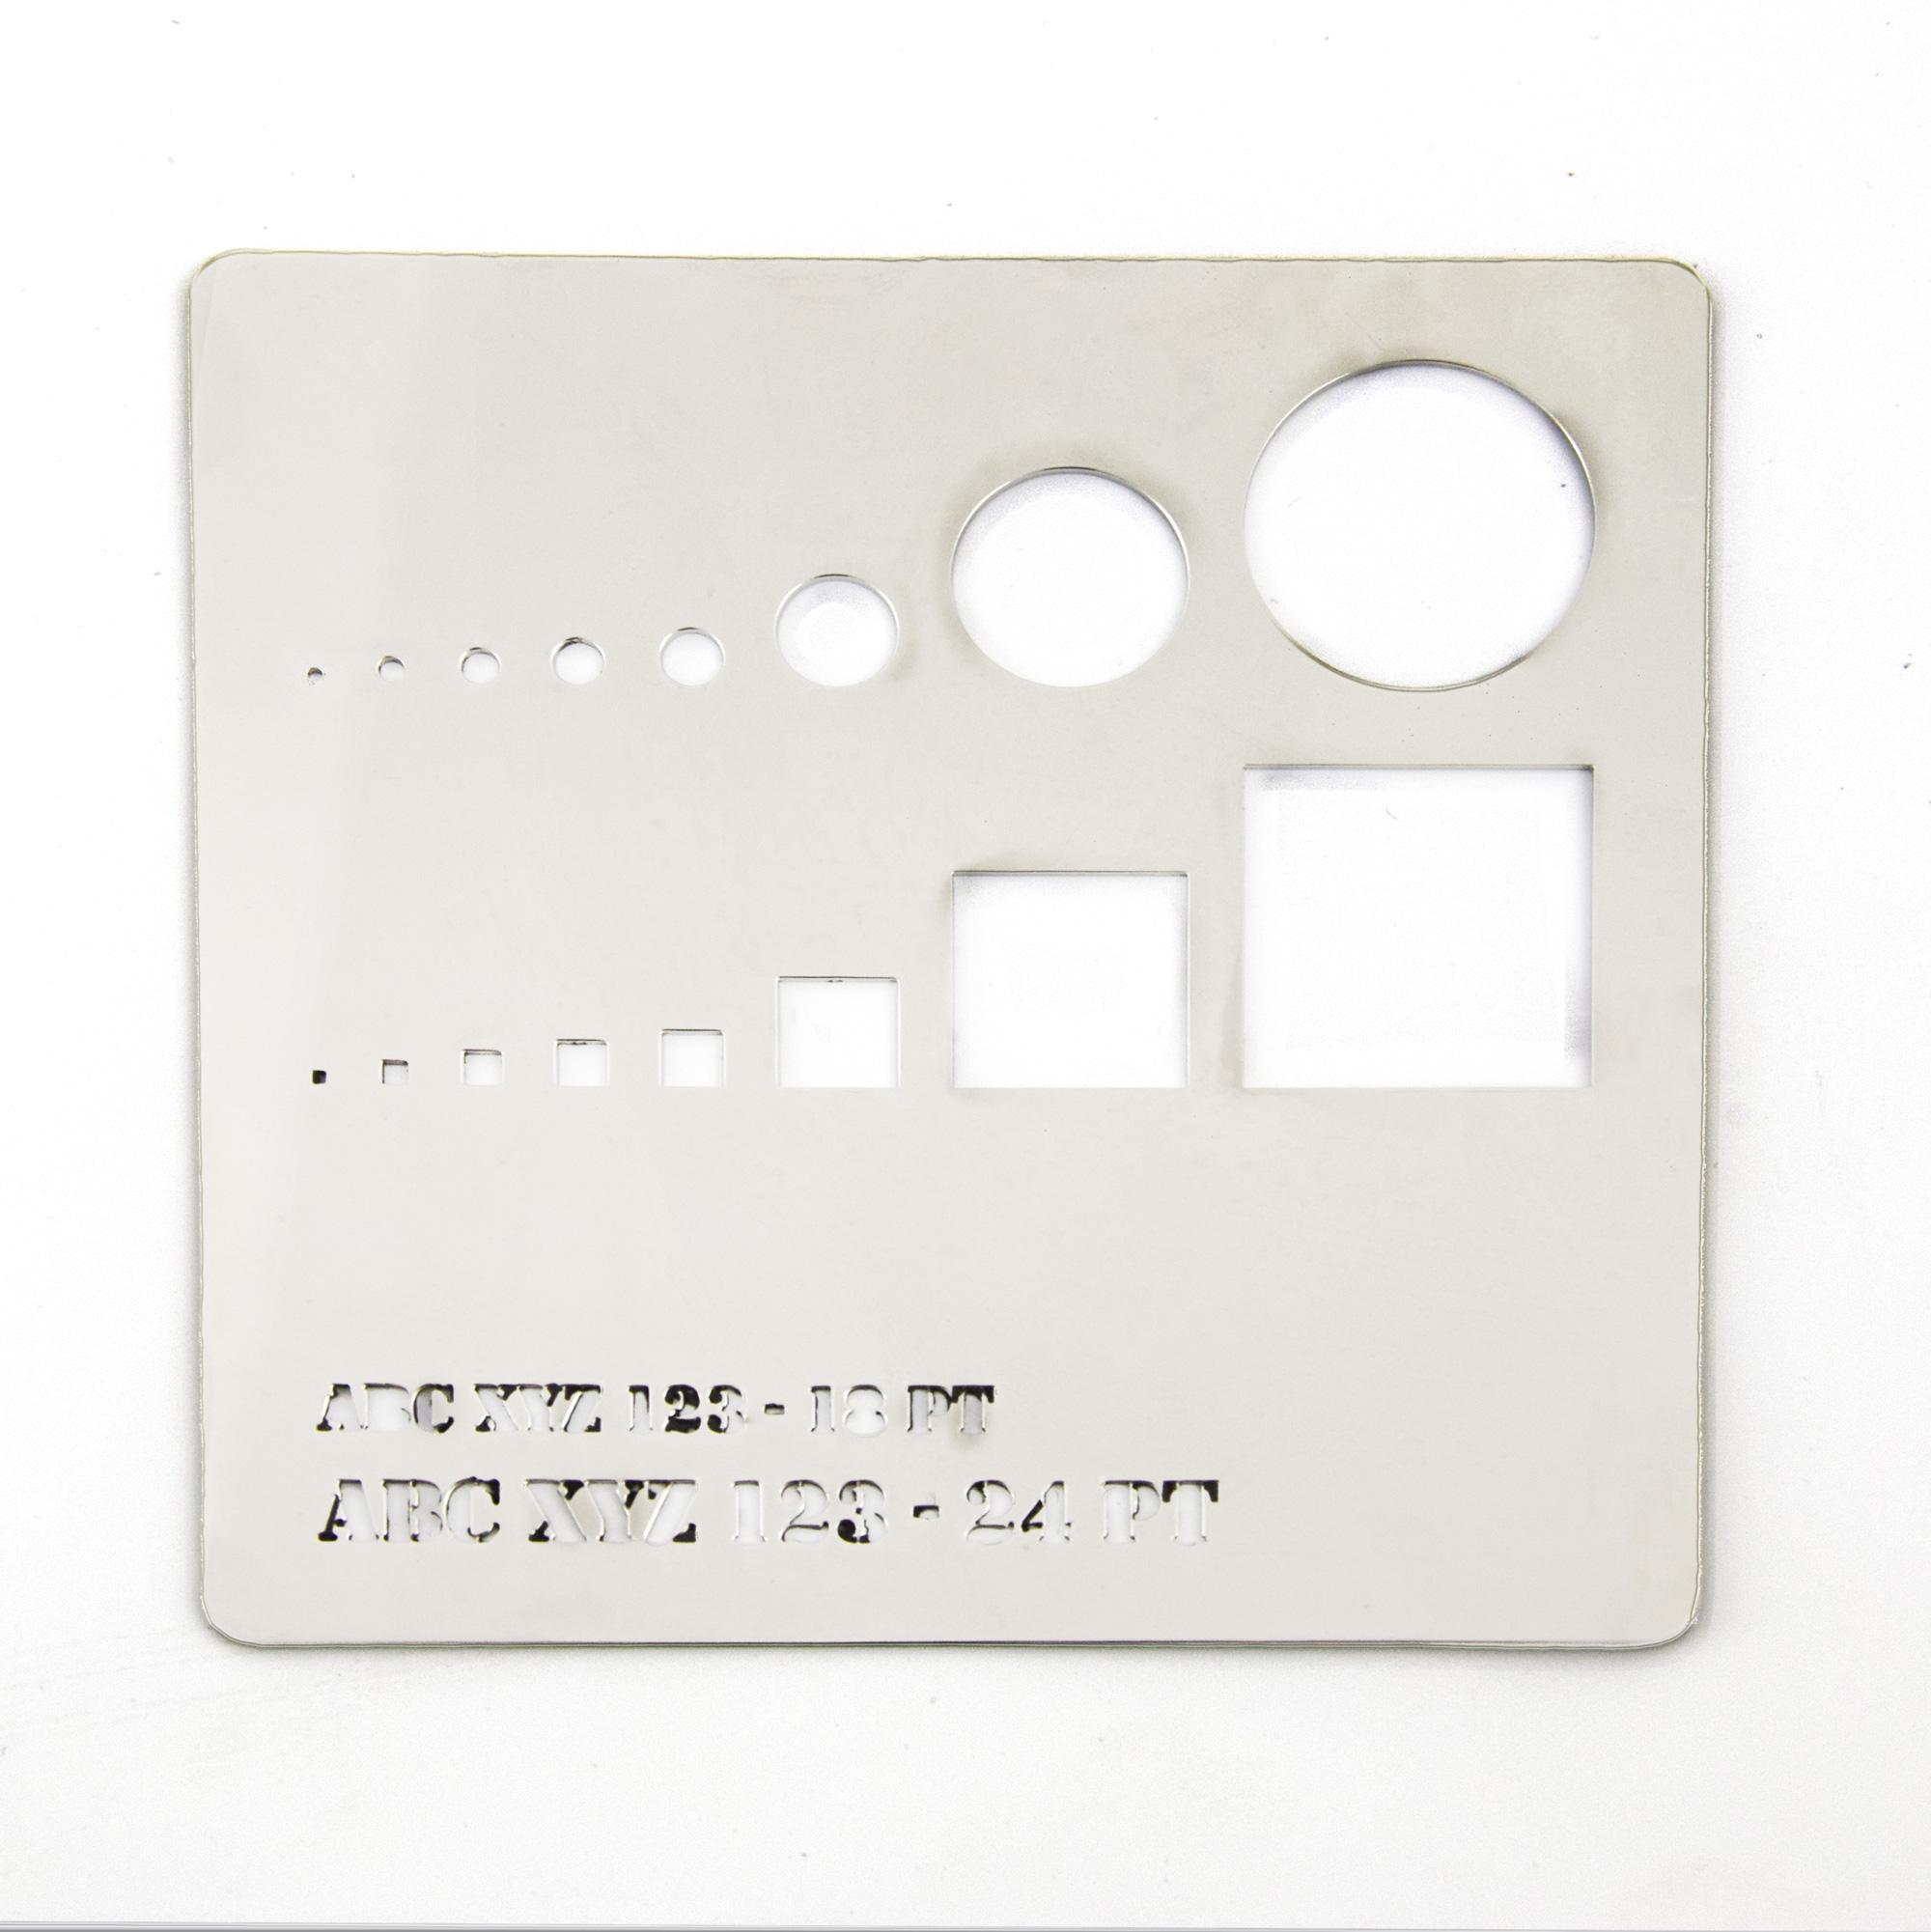 Acciaio inox finitura specchio - test di taglio